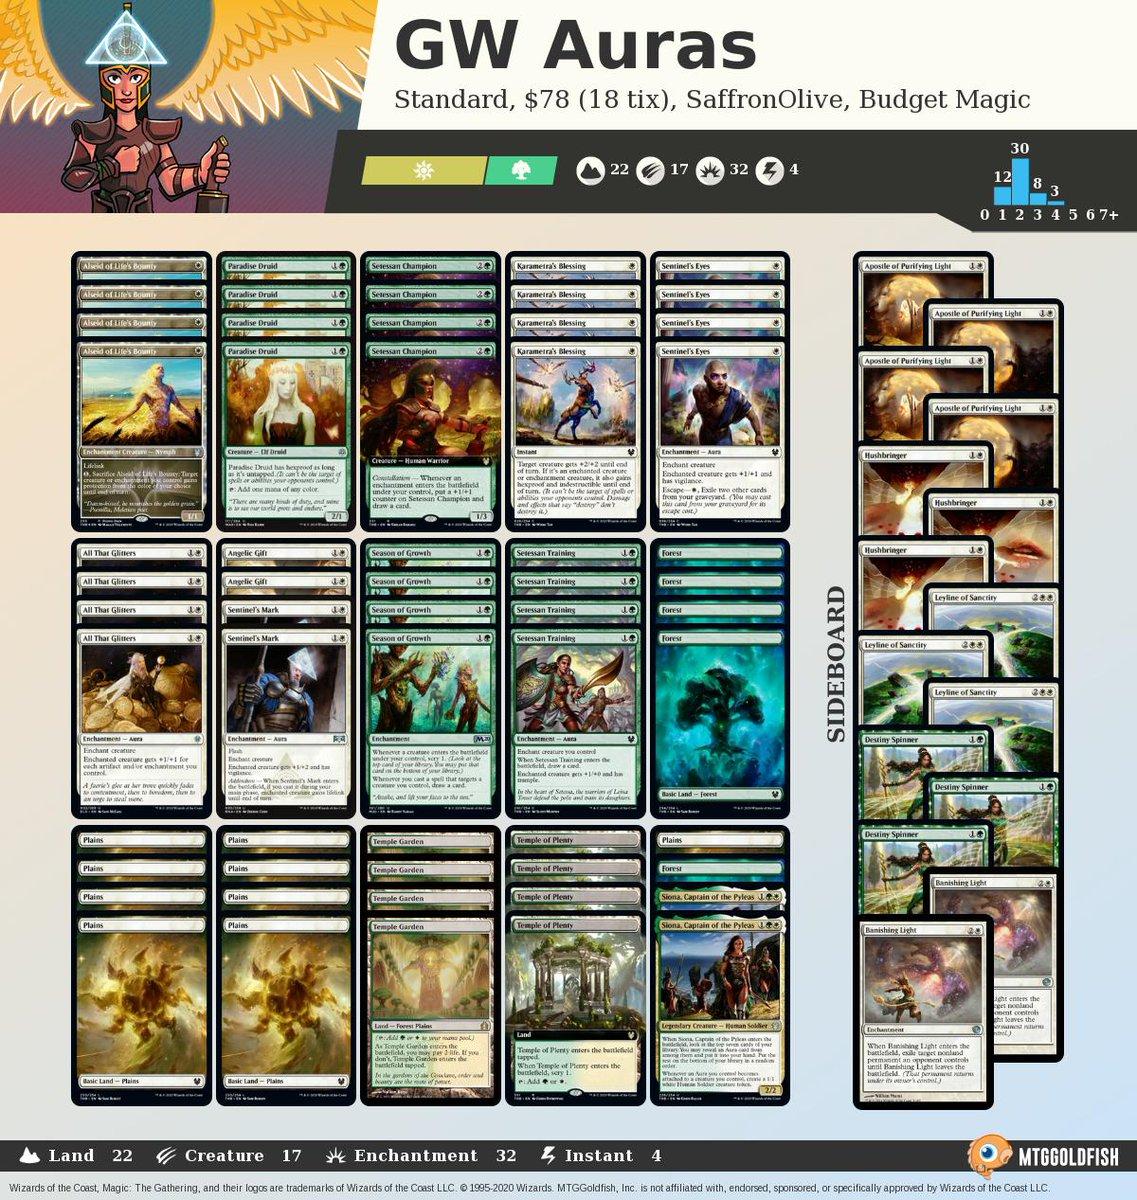 Budget Magic: $86 (17 tix) GW Auras (Standard, Magic Arena) mtggoldfish.com/articles/budge… #mtg #mtgo #budgetmagic